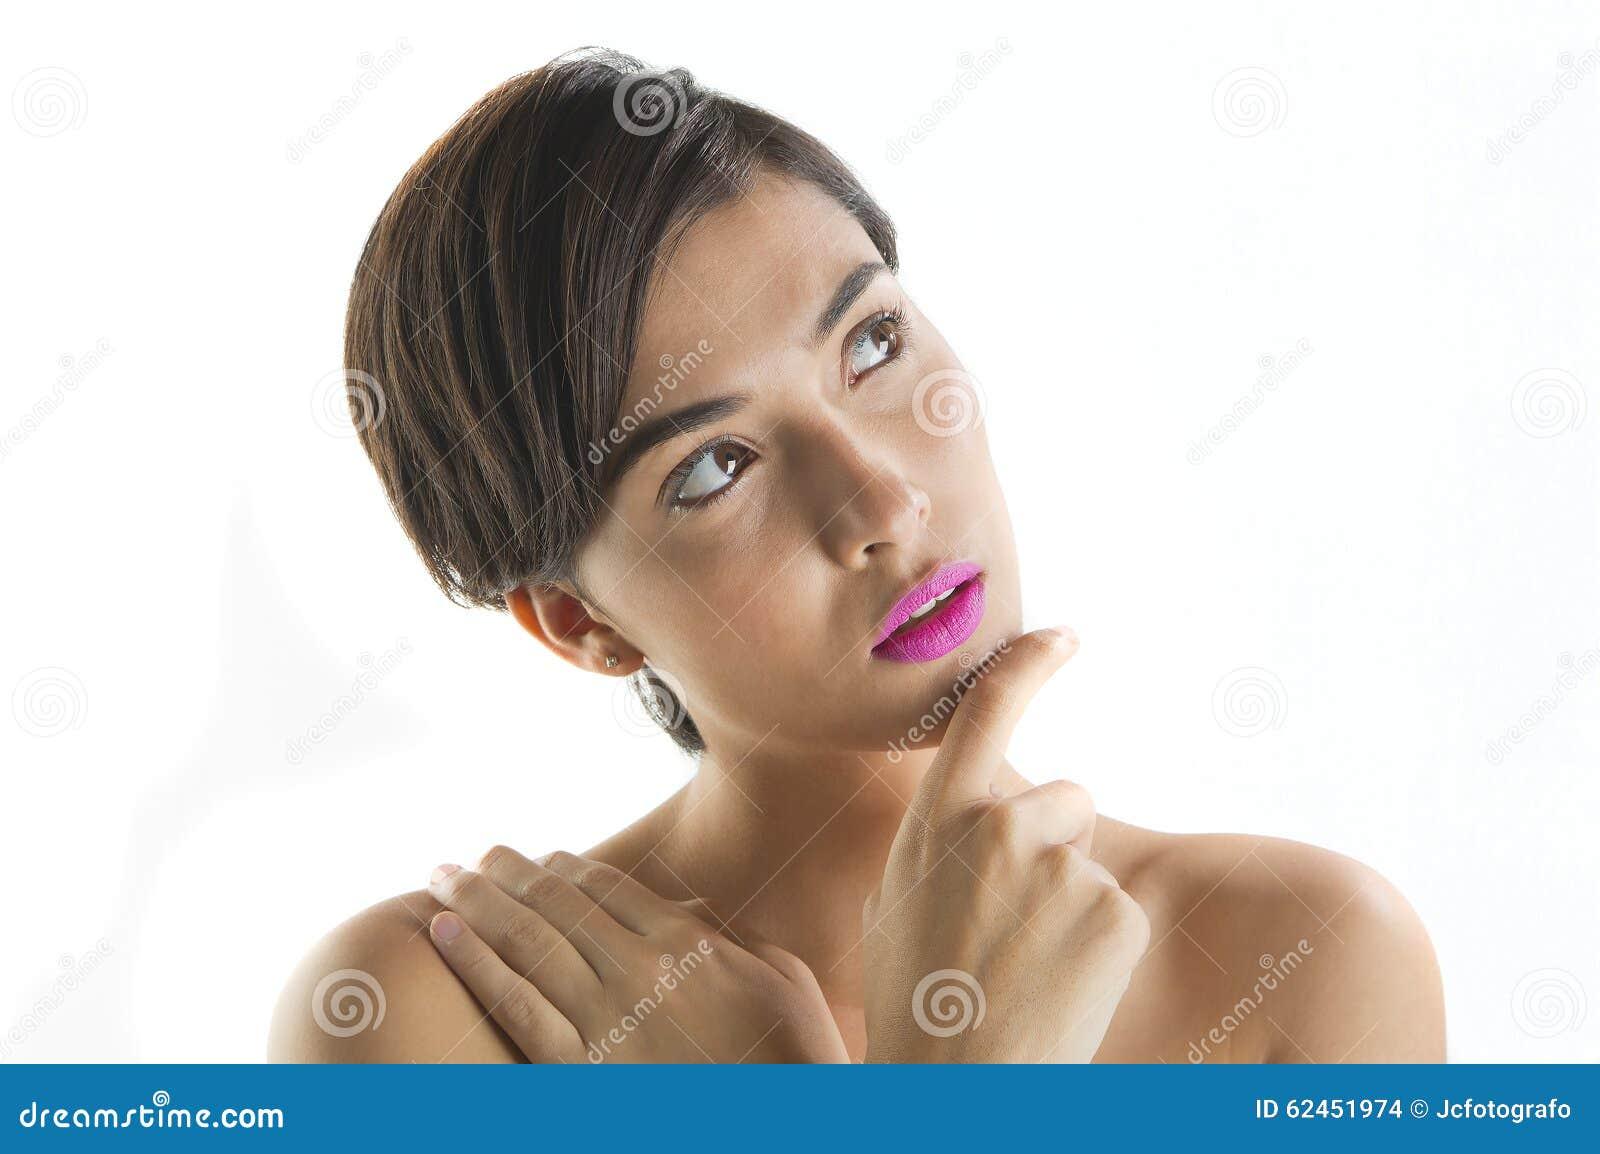 Burrnett short hair naked